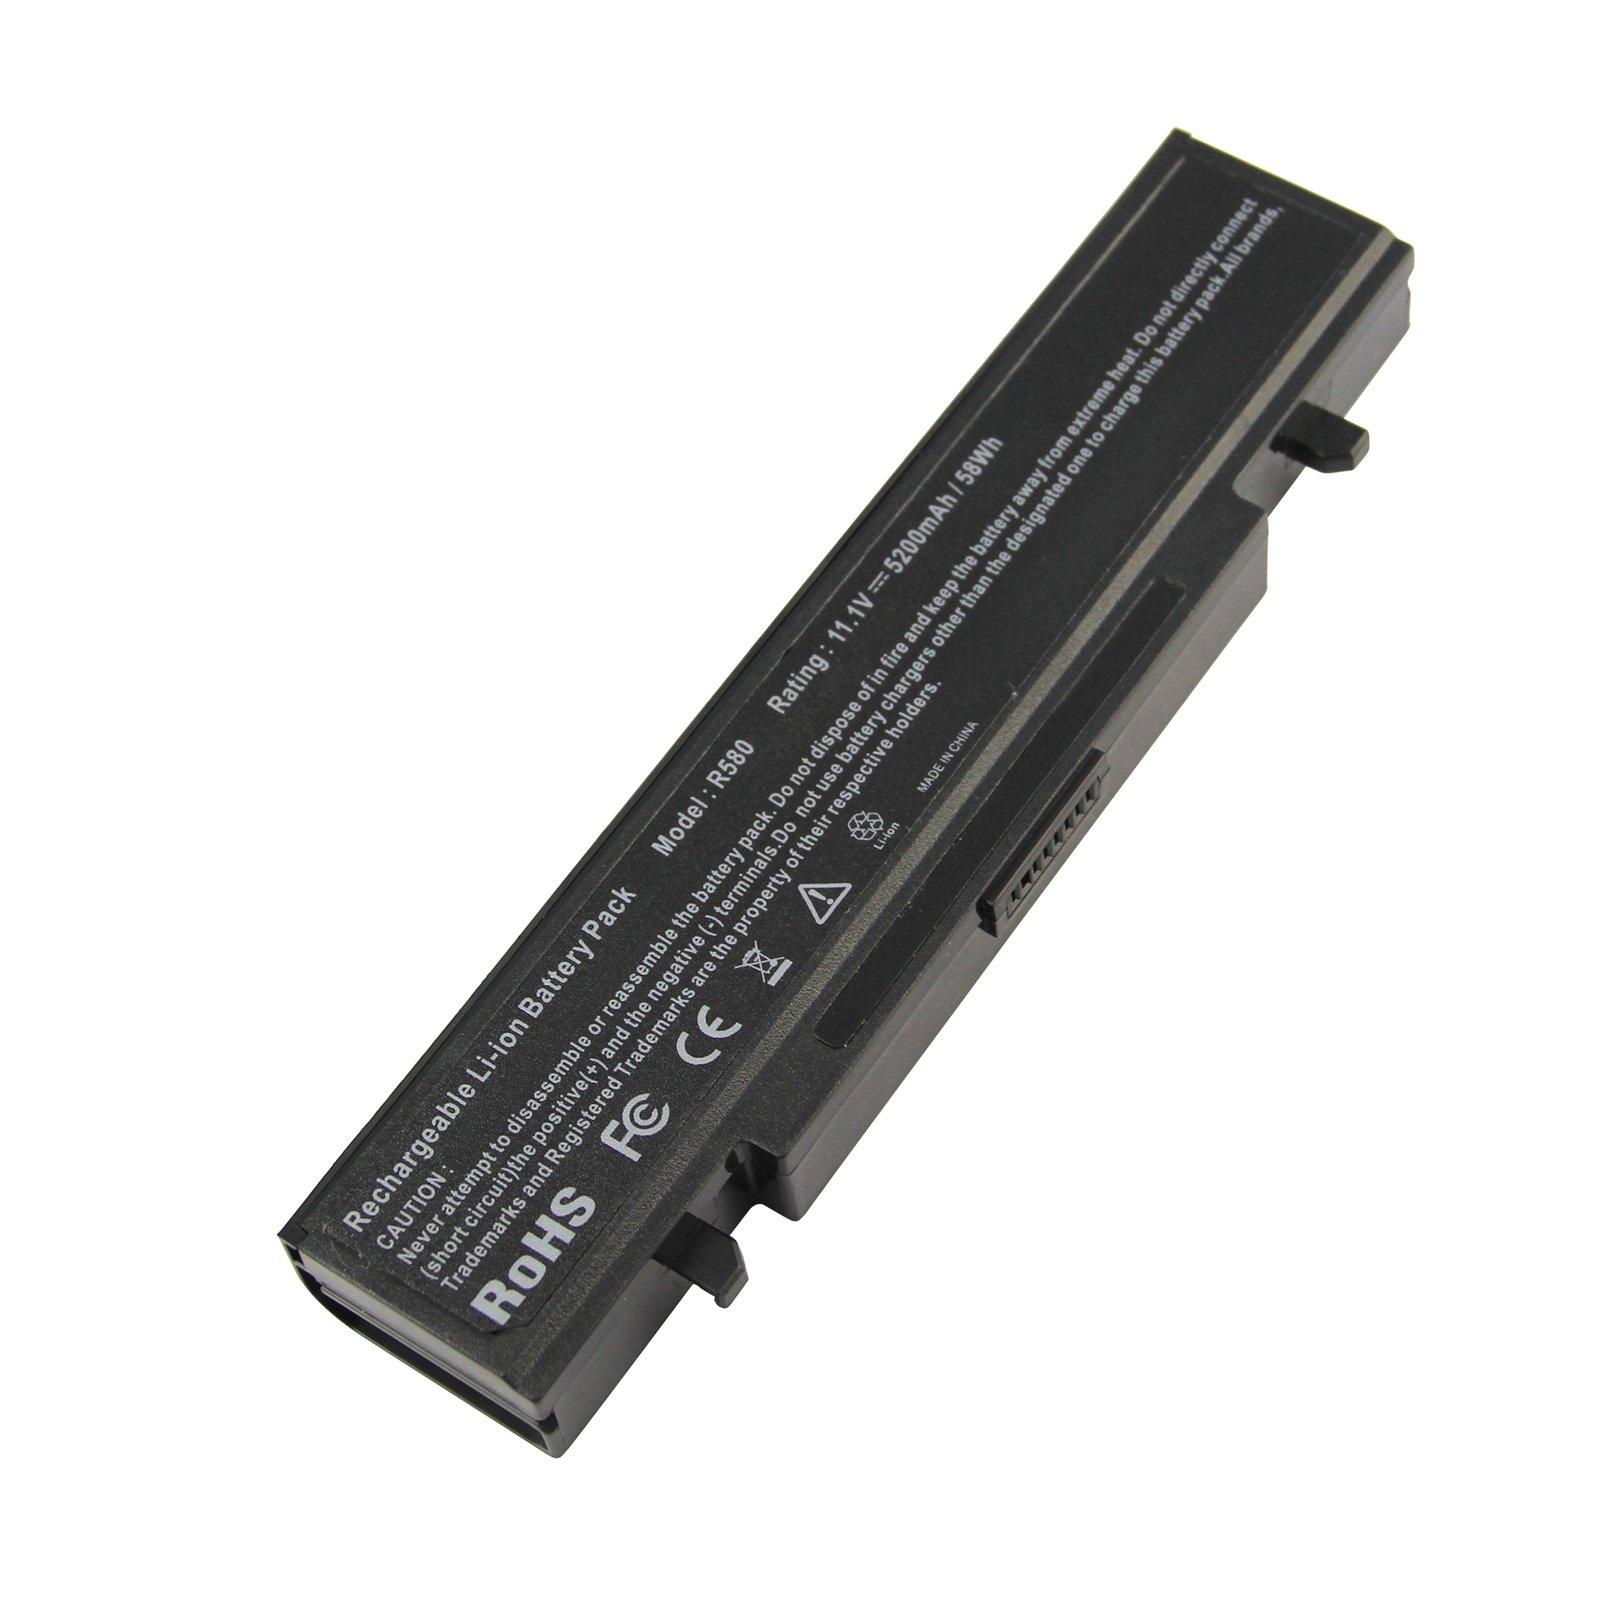 Bateria para Samsung R439 R440 R470 R478 R522 R530 R538 R540 R580 R730 R780 Q318 Q430 RF510 RV510 RV511 AA-PB9NC6B AA-PB